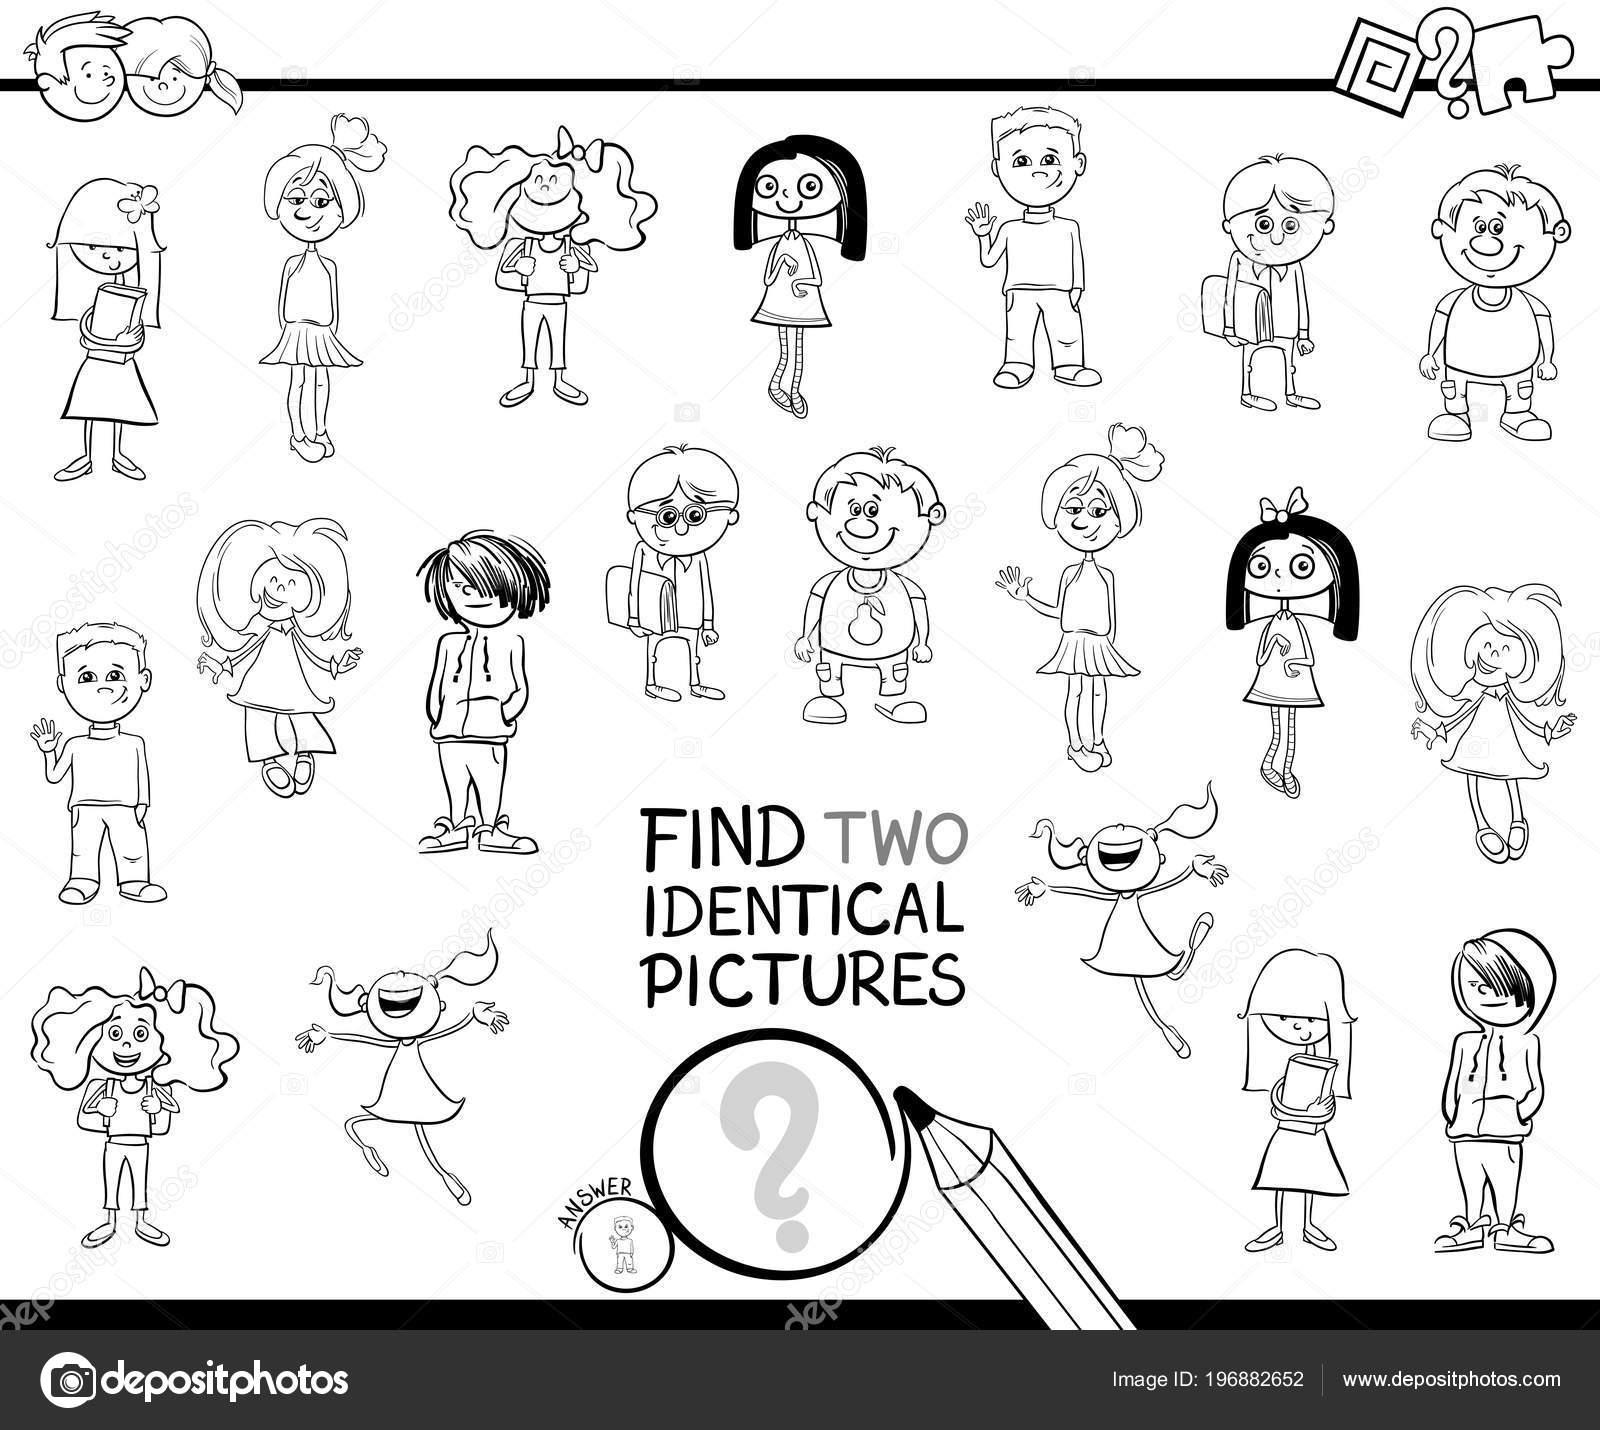 Siyah Beyaz çizgi Film Illüstrasyon Kız Erkek çocuk Karakterleri